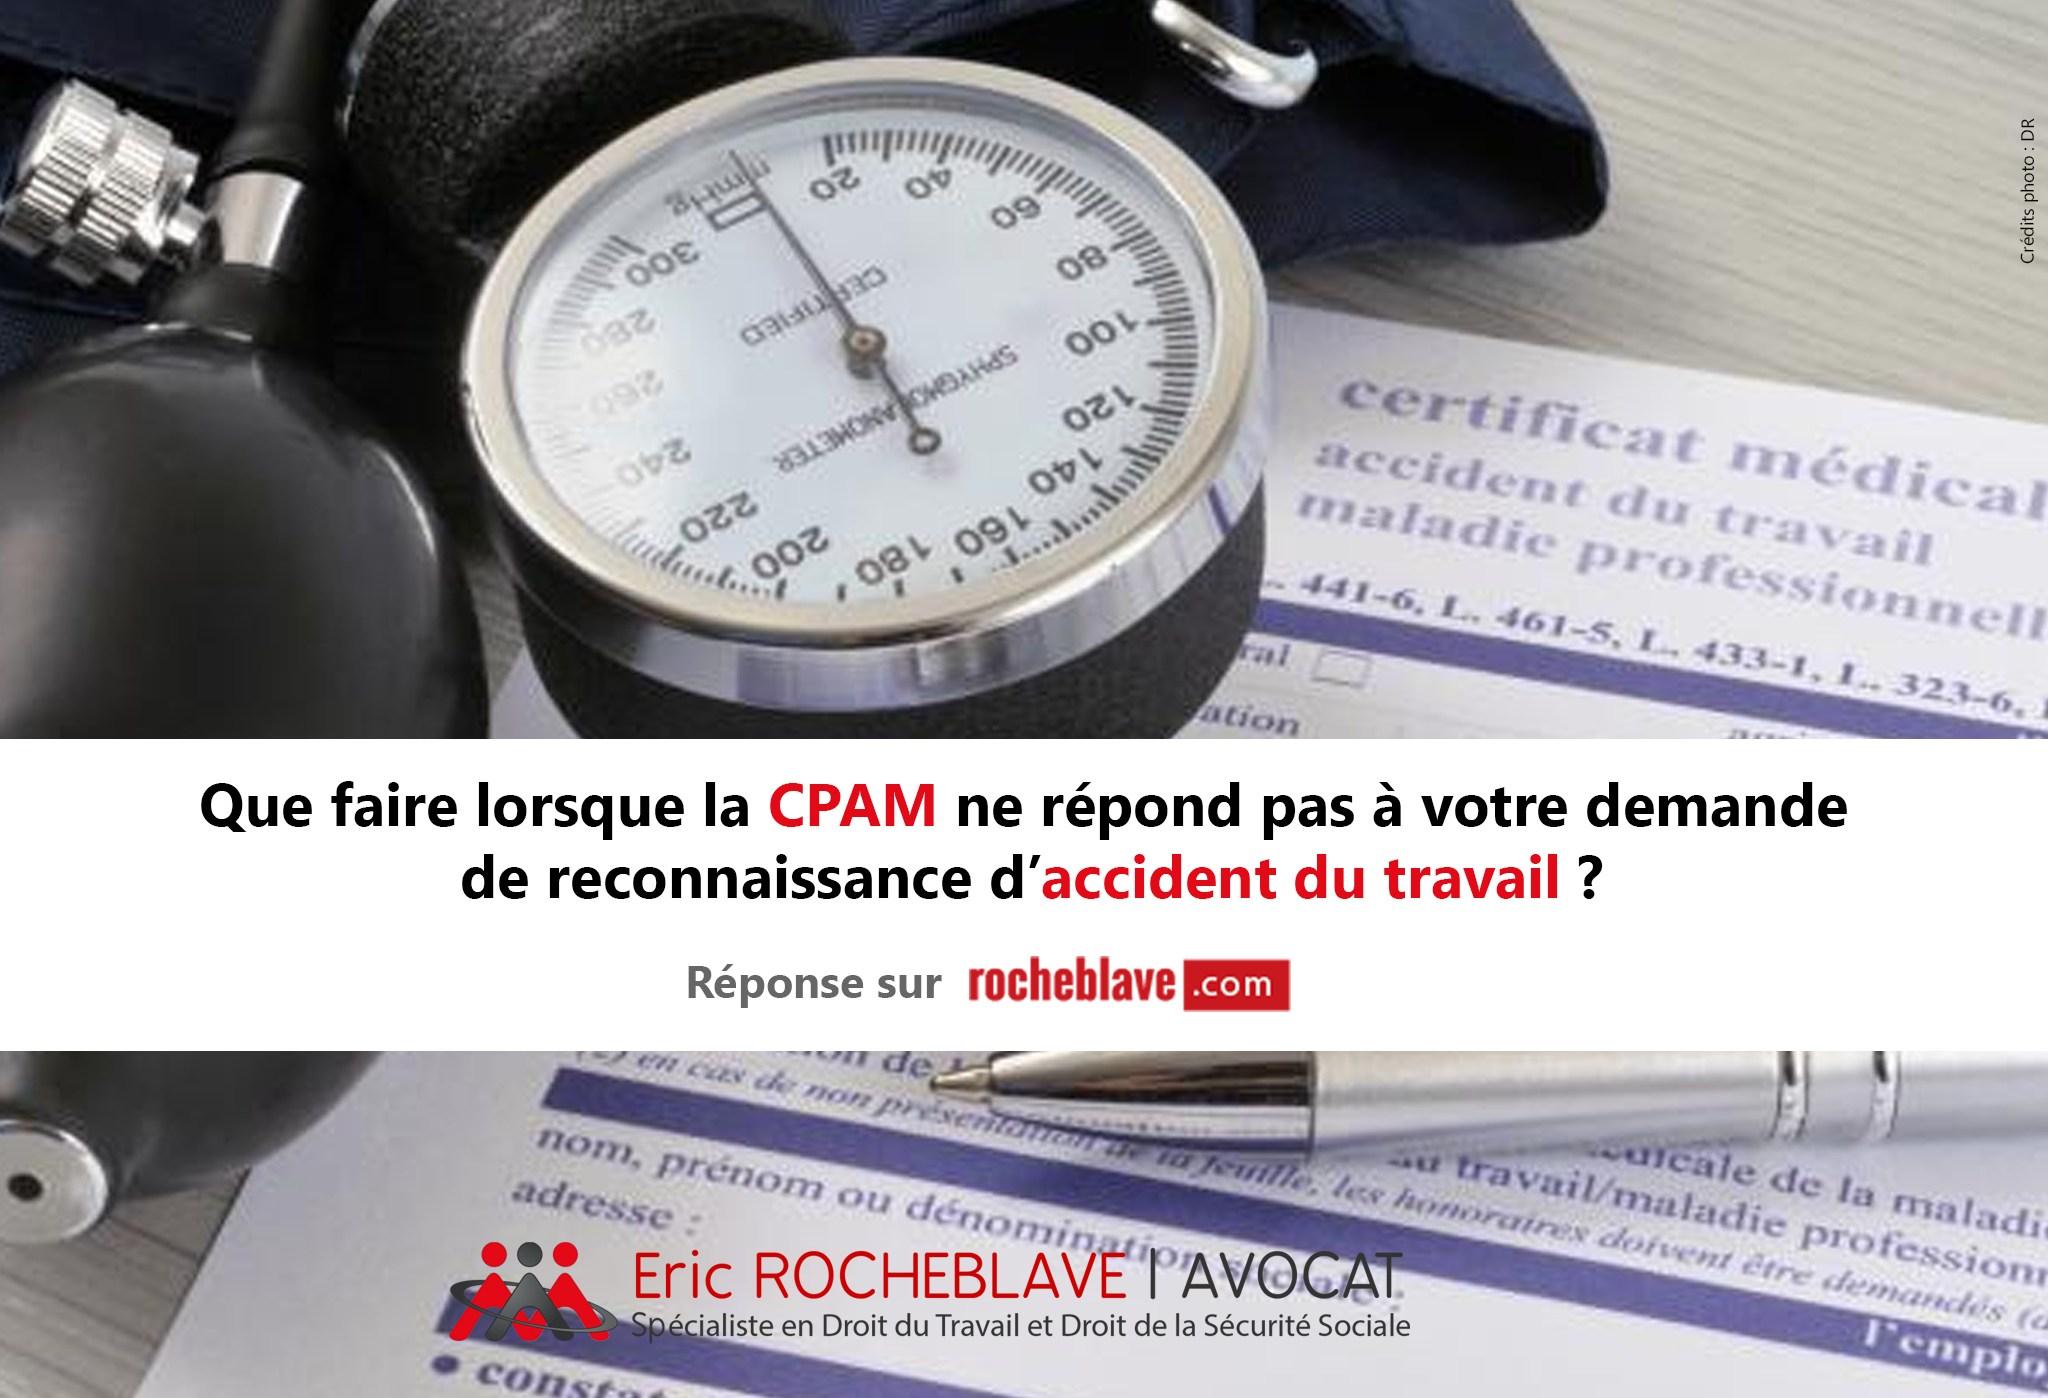 f8630b997a1 Que faire lorsque la CPAM ne répond pas à votre demande de reconnaissance  d accident